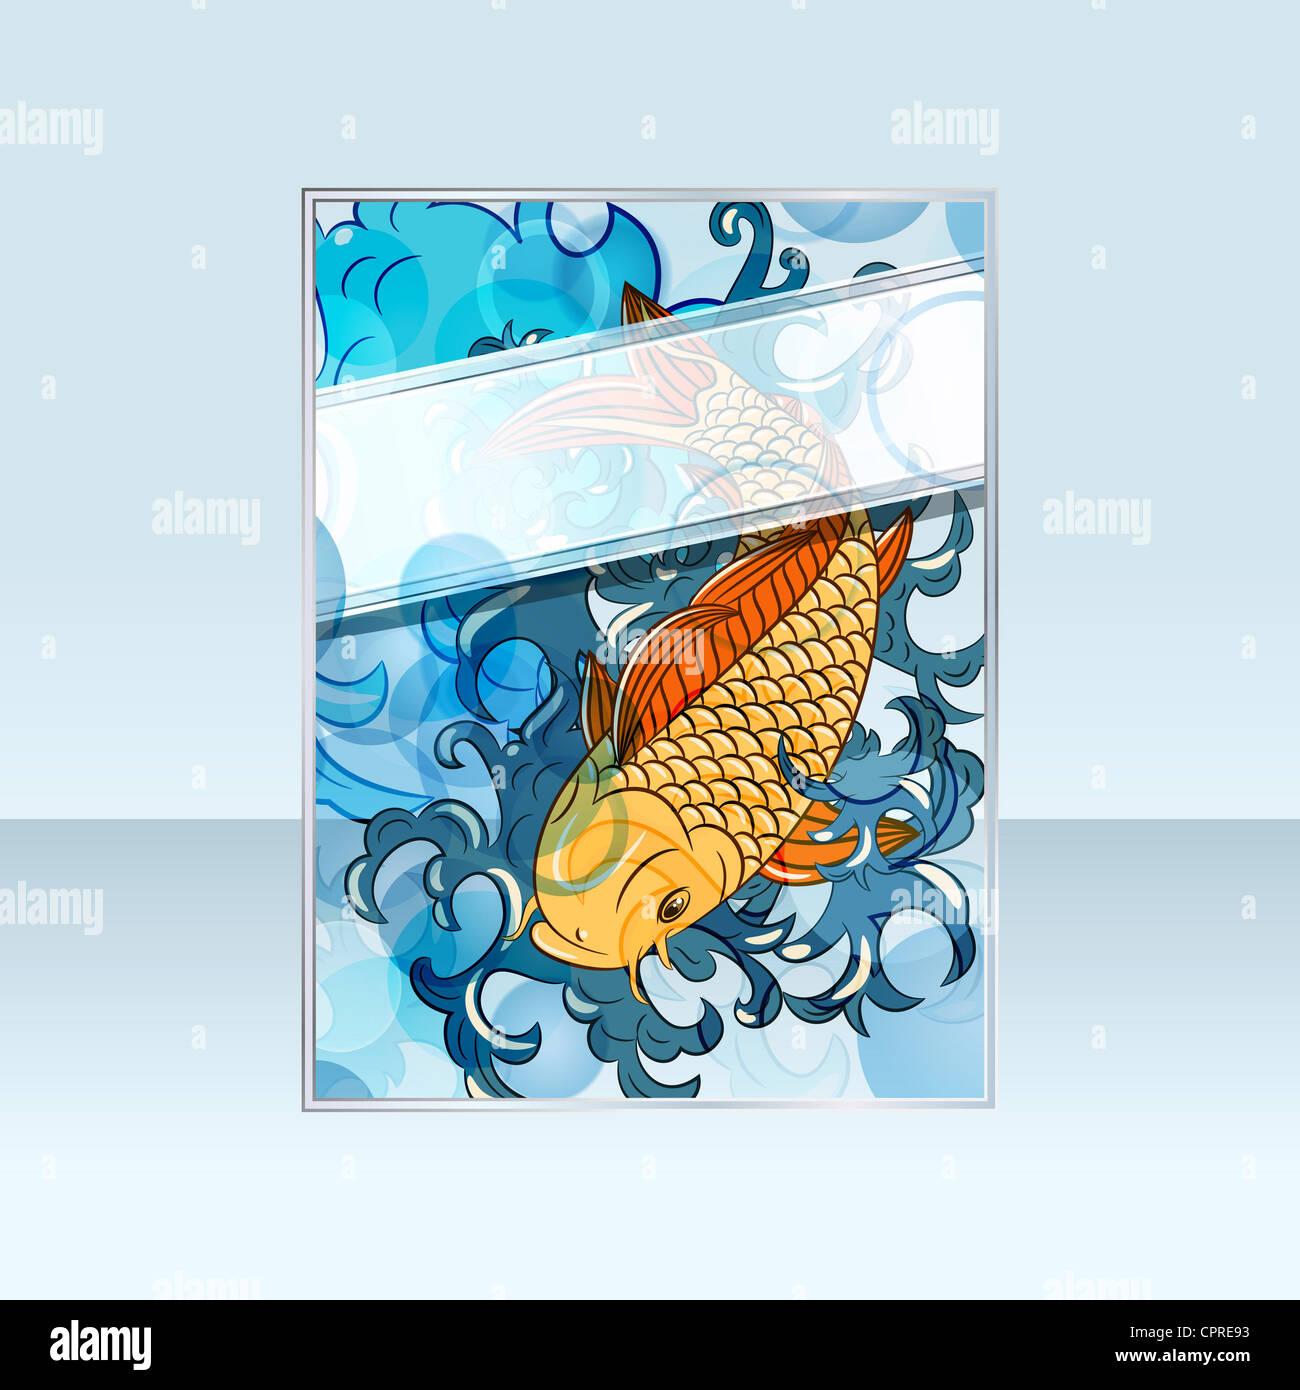 Banner con stile giapponese koi carp (pesce) Immagini Stock